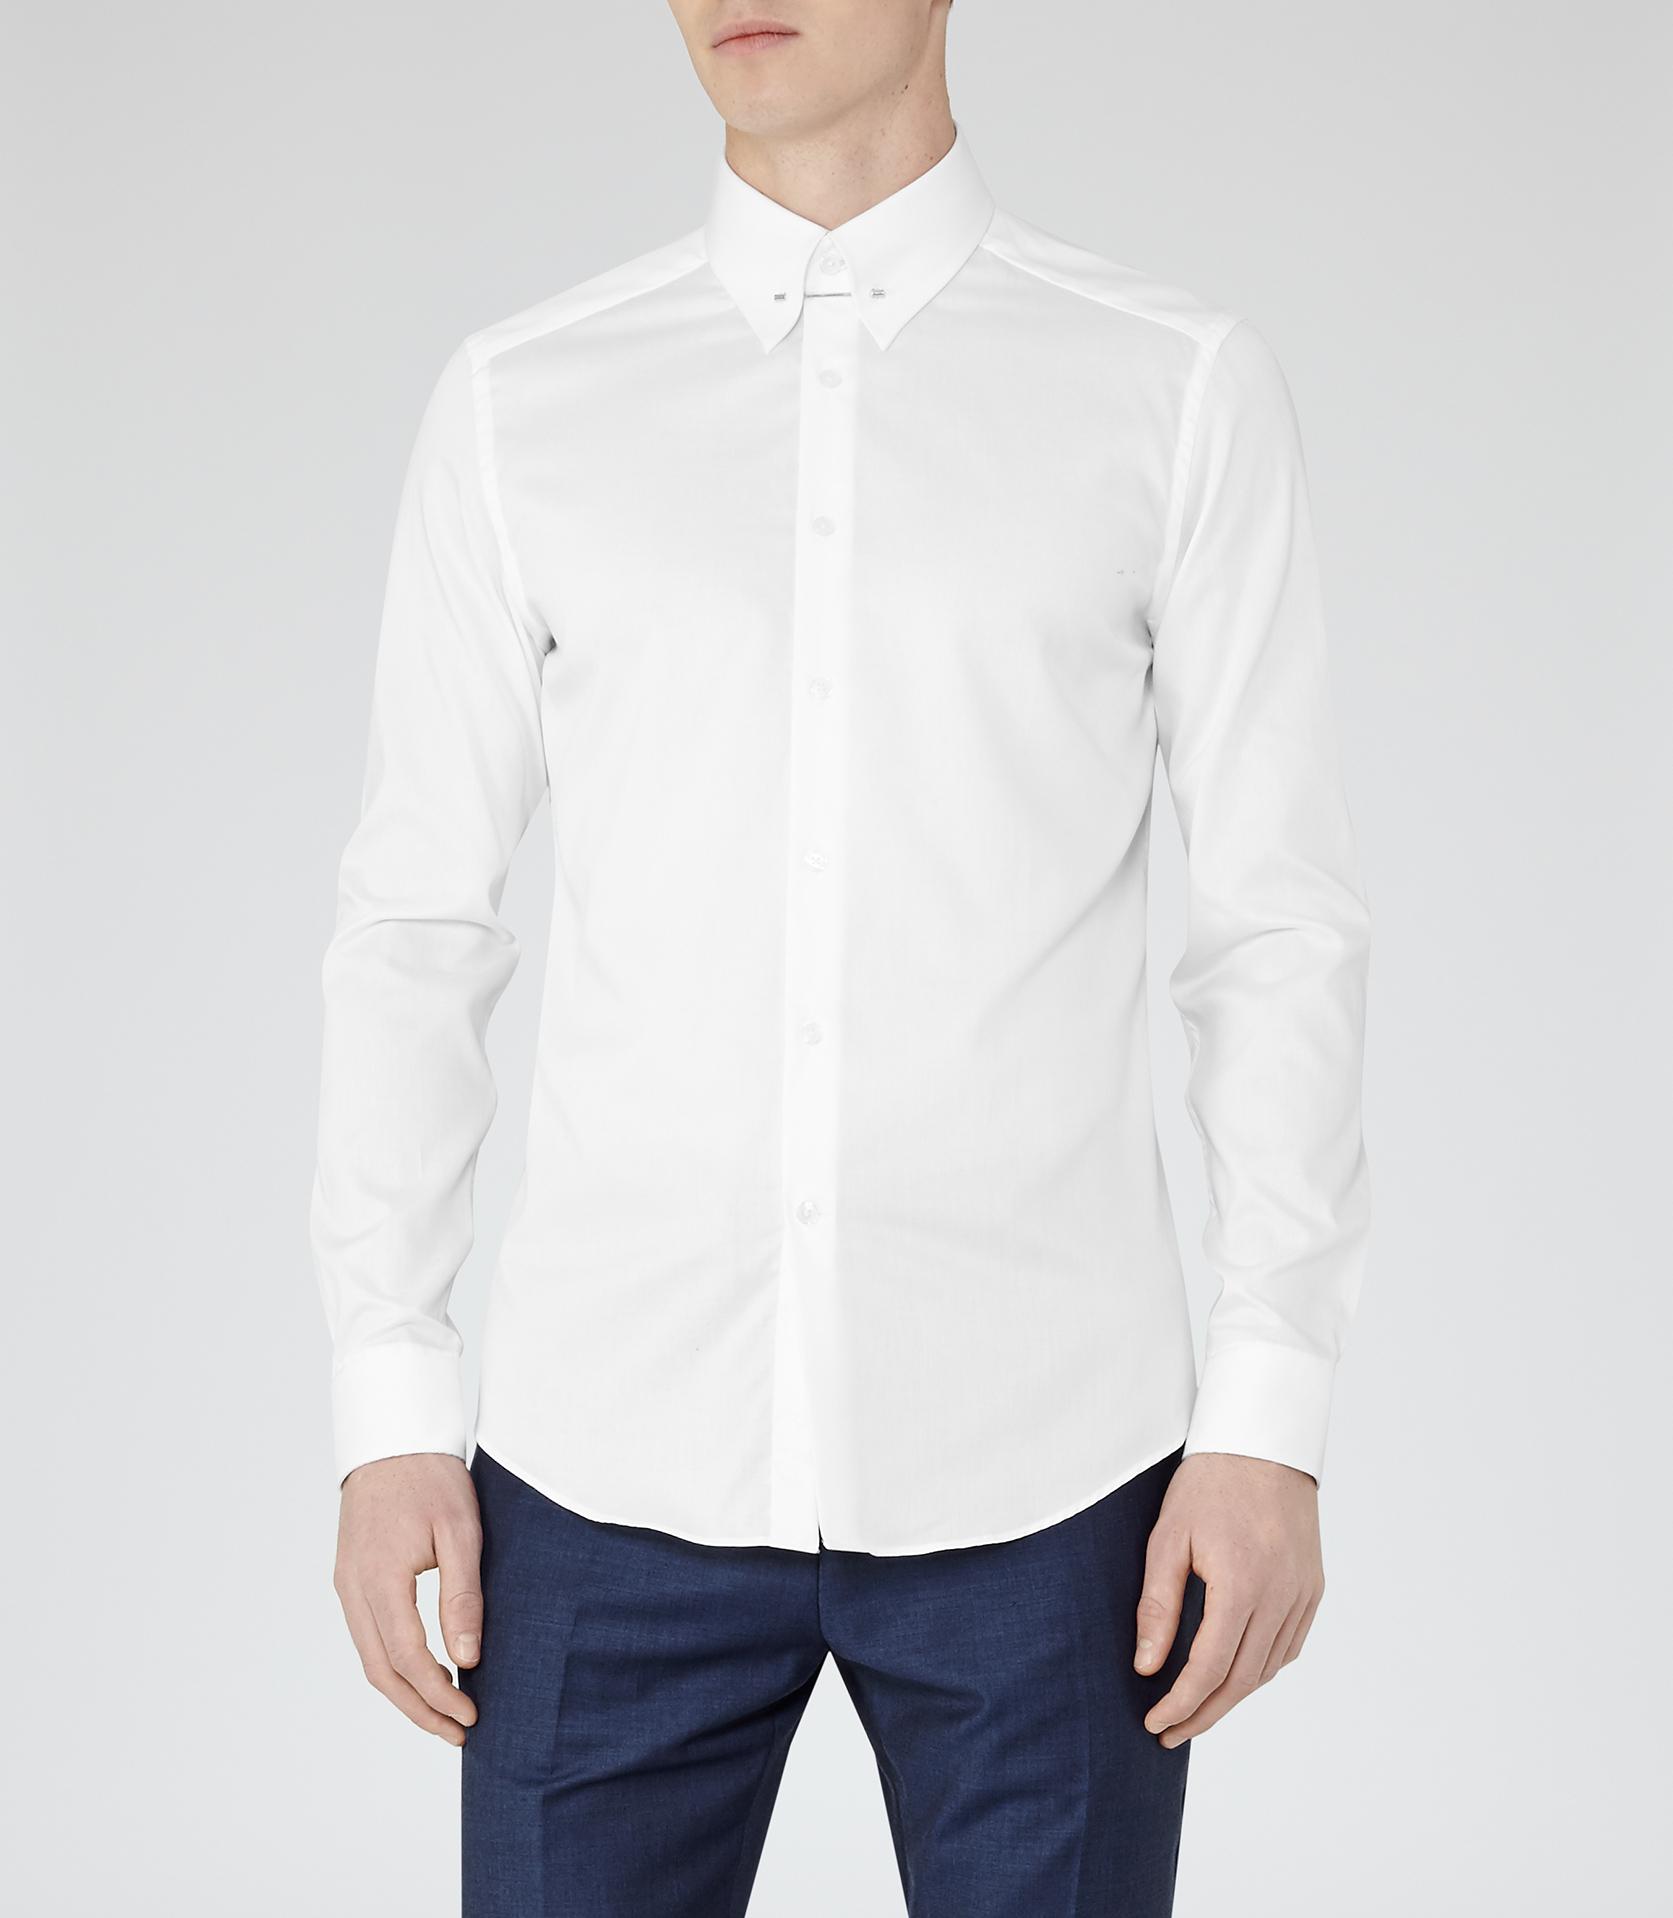 Reiss Belfort Collar Pin Shirt In White For Men Lyst